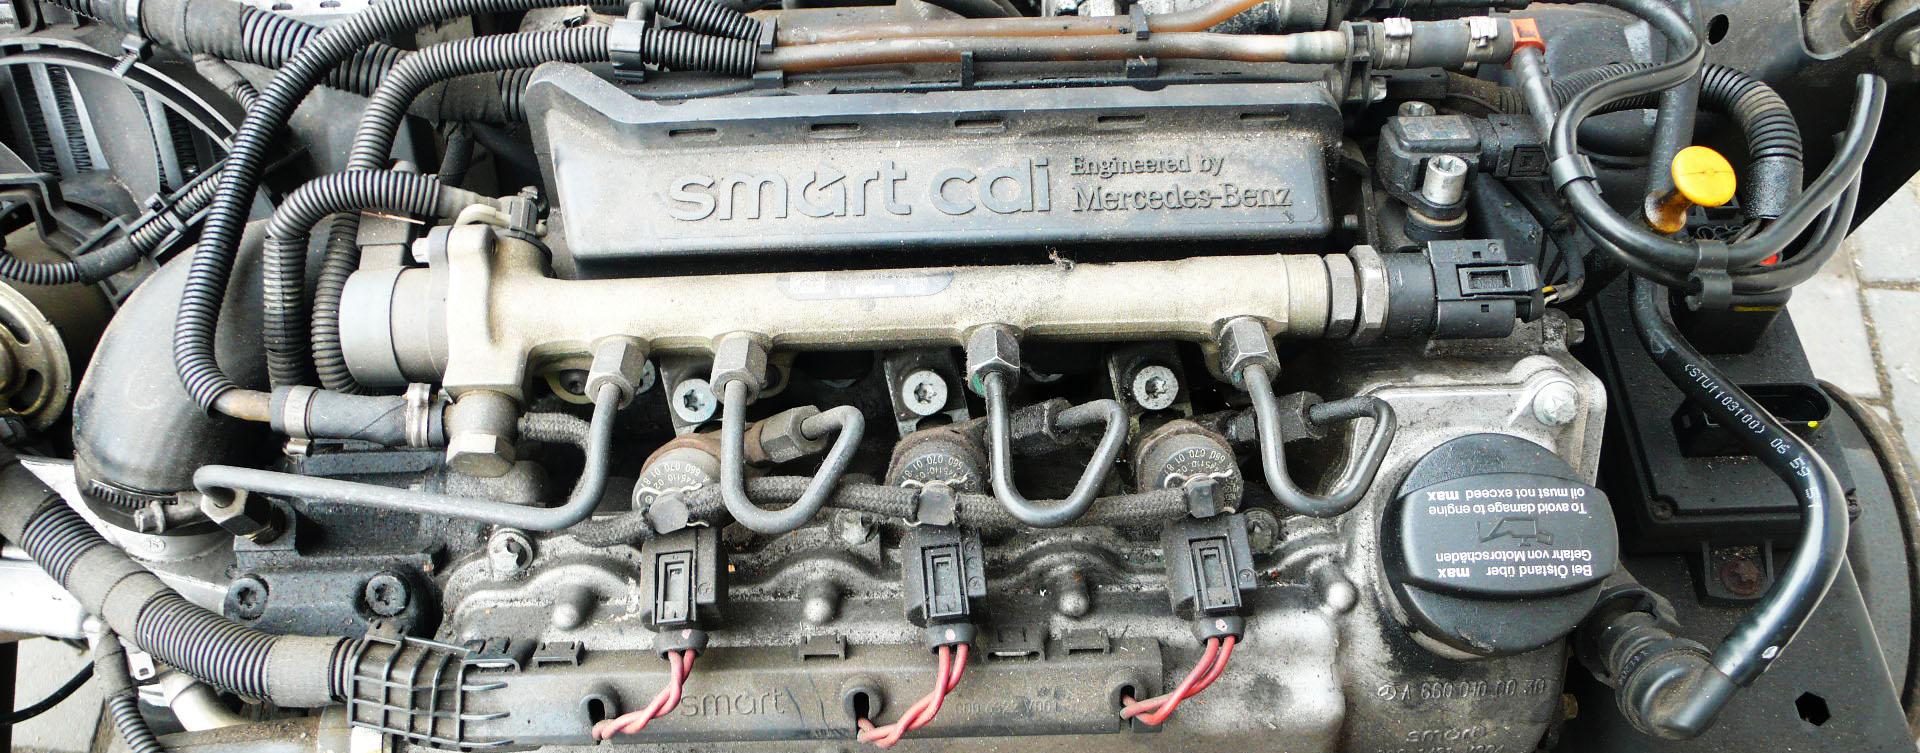 smart fortwo 450 motormosás képes útmutató leírás